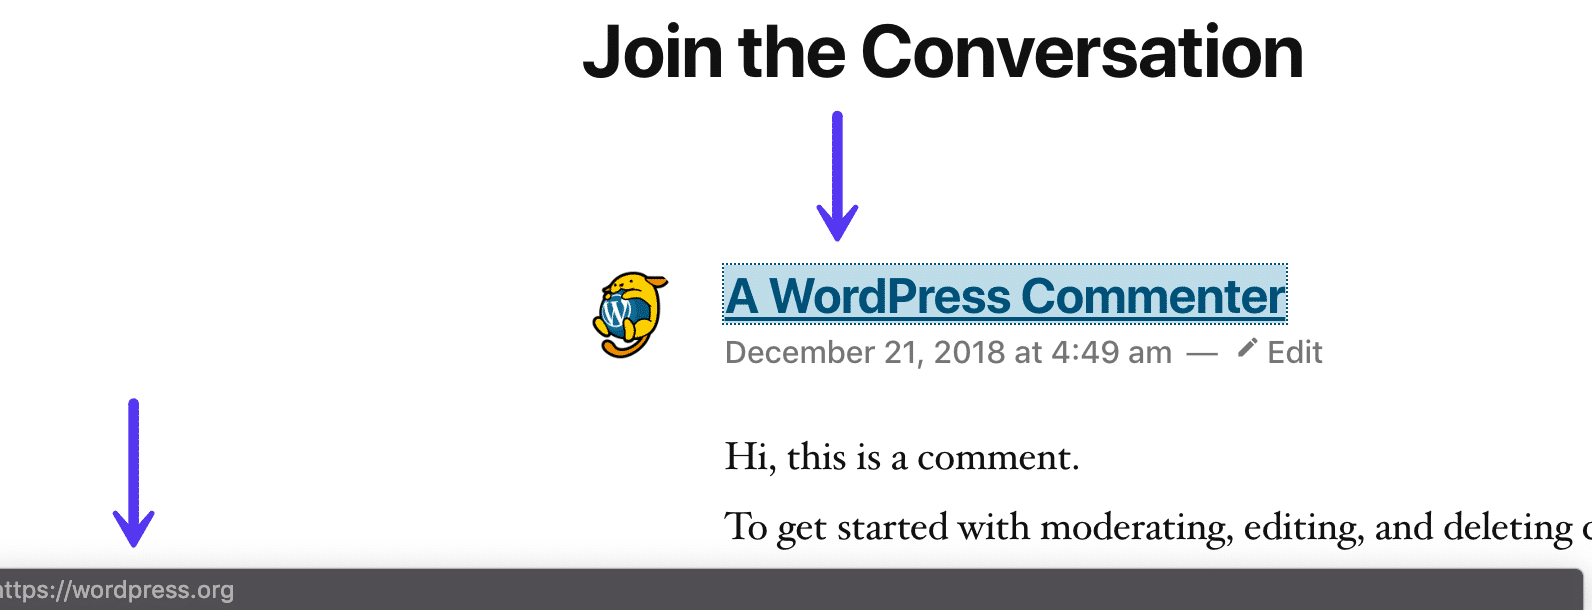 Lien de l'auteur de commentaire WordPress